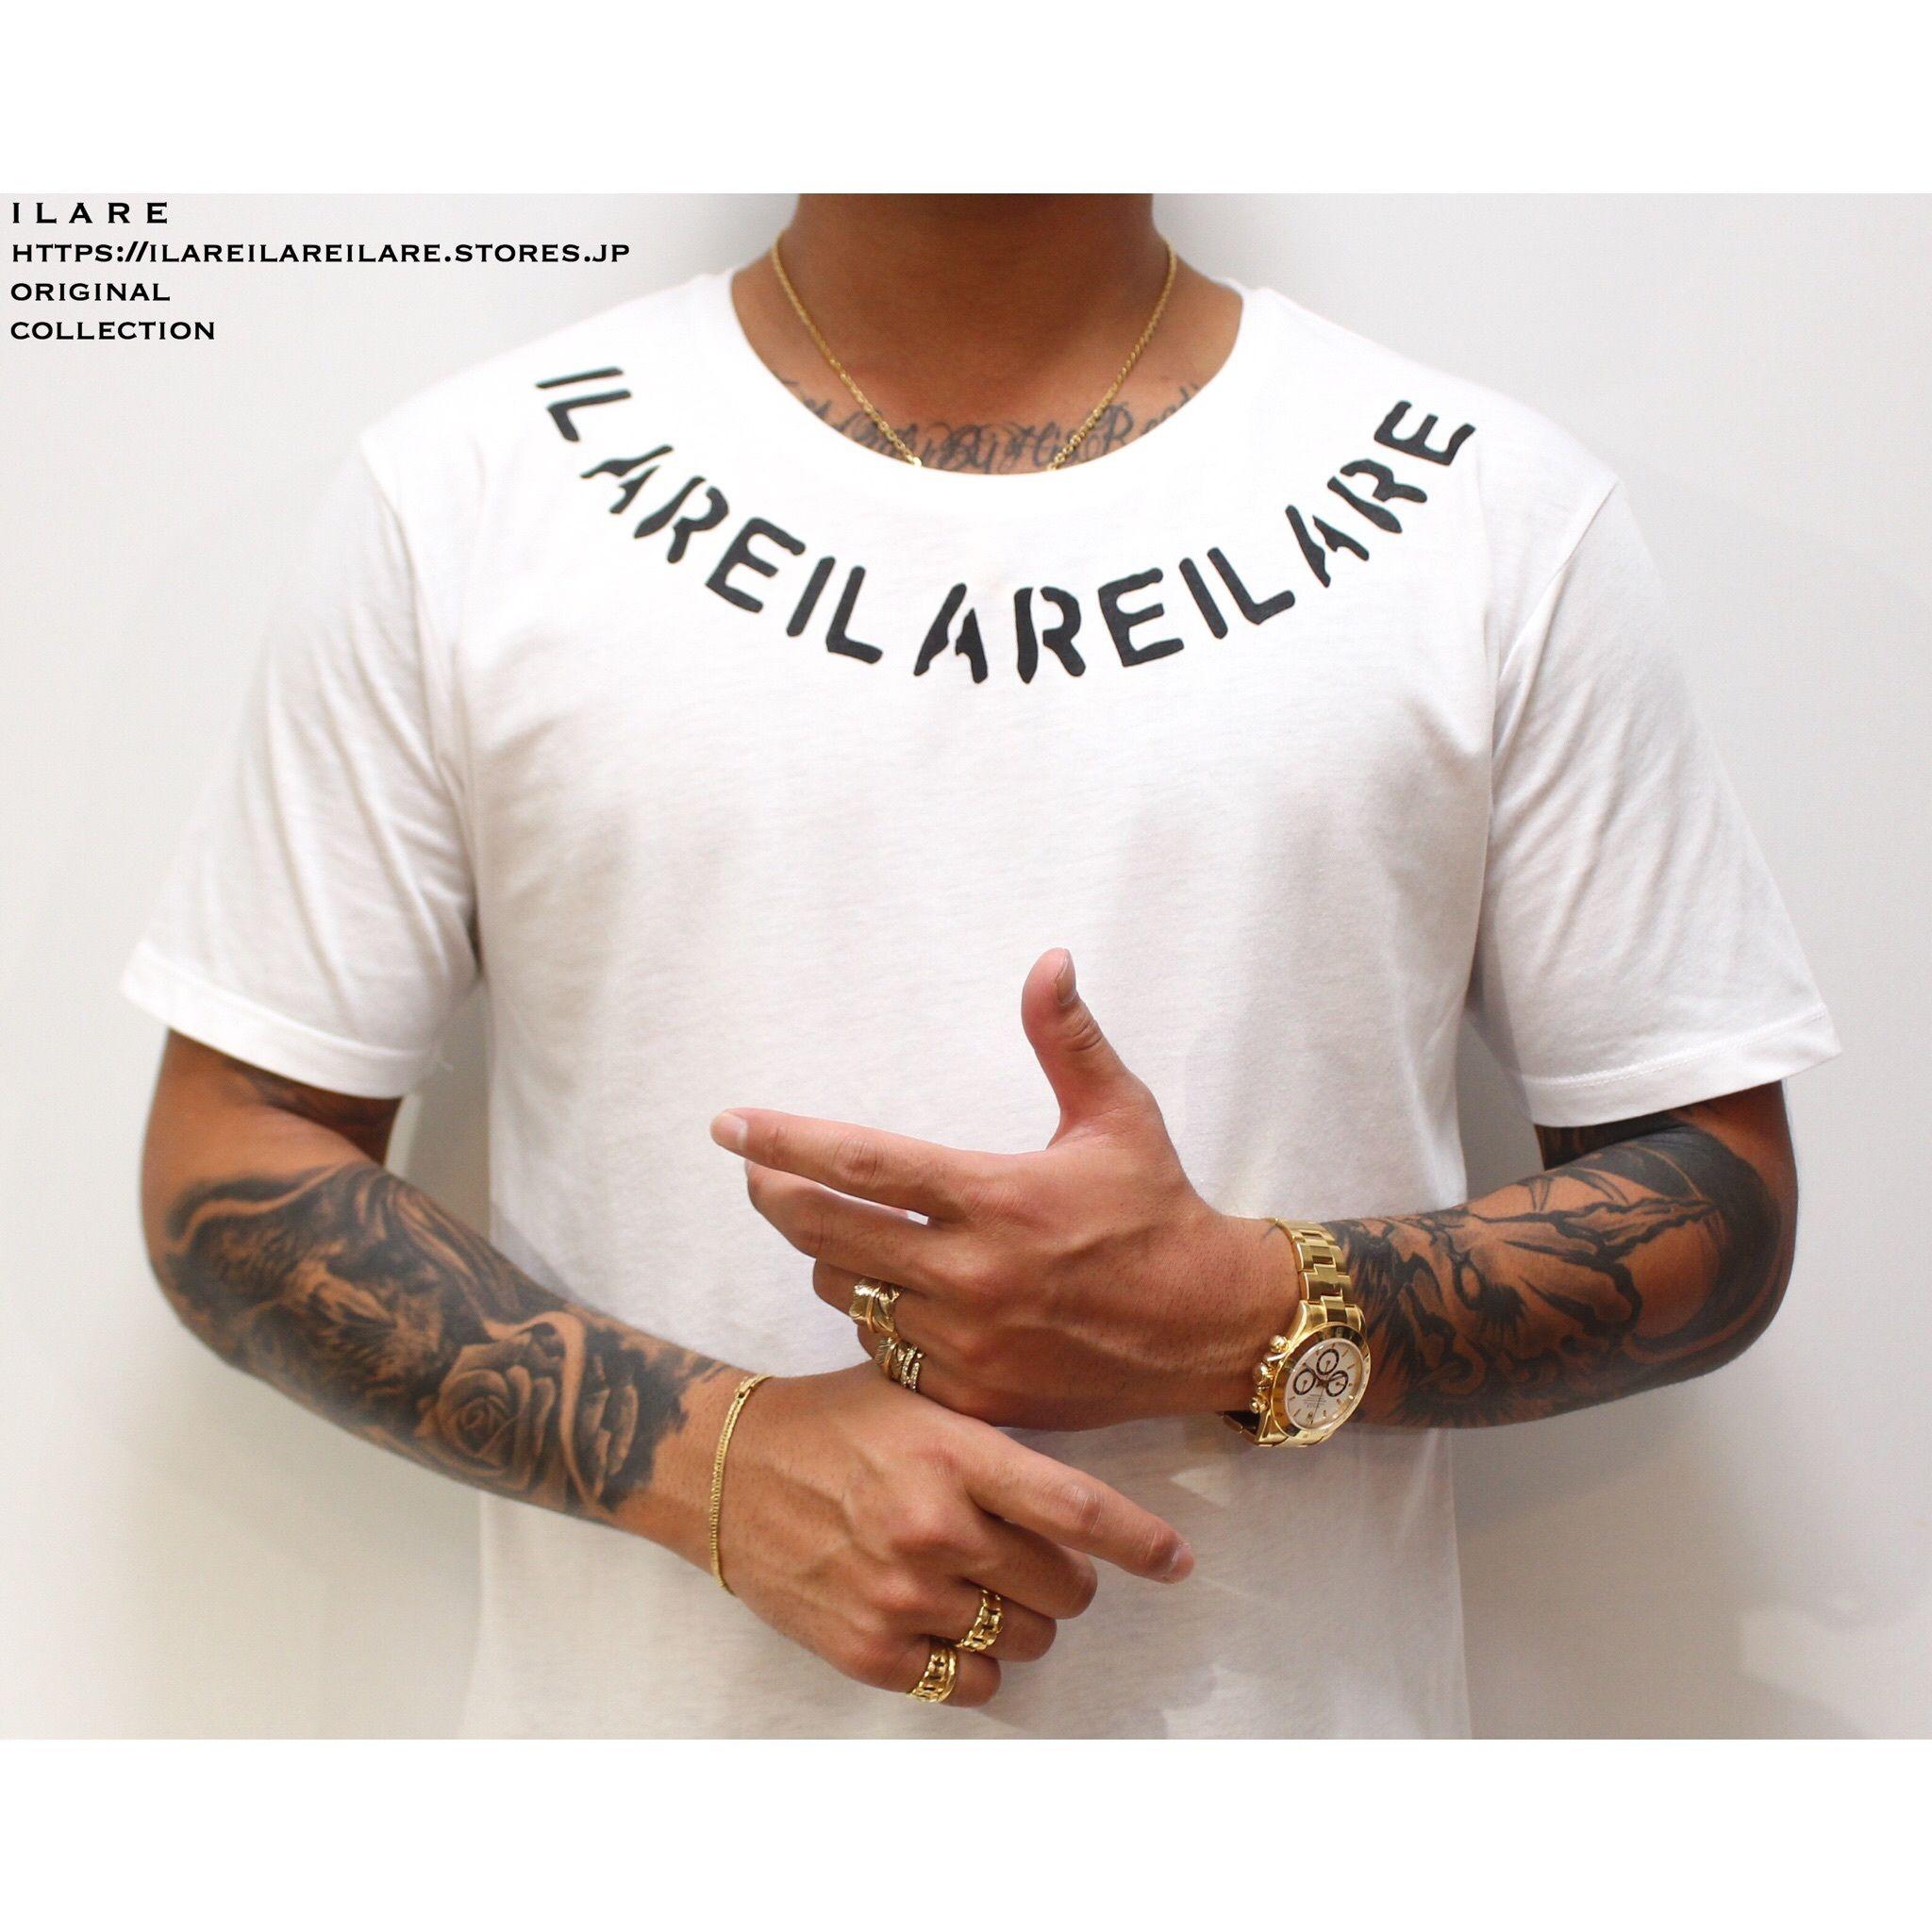 ILAREネックレスロゴティーシャツ/ホワイト